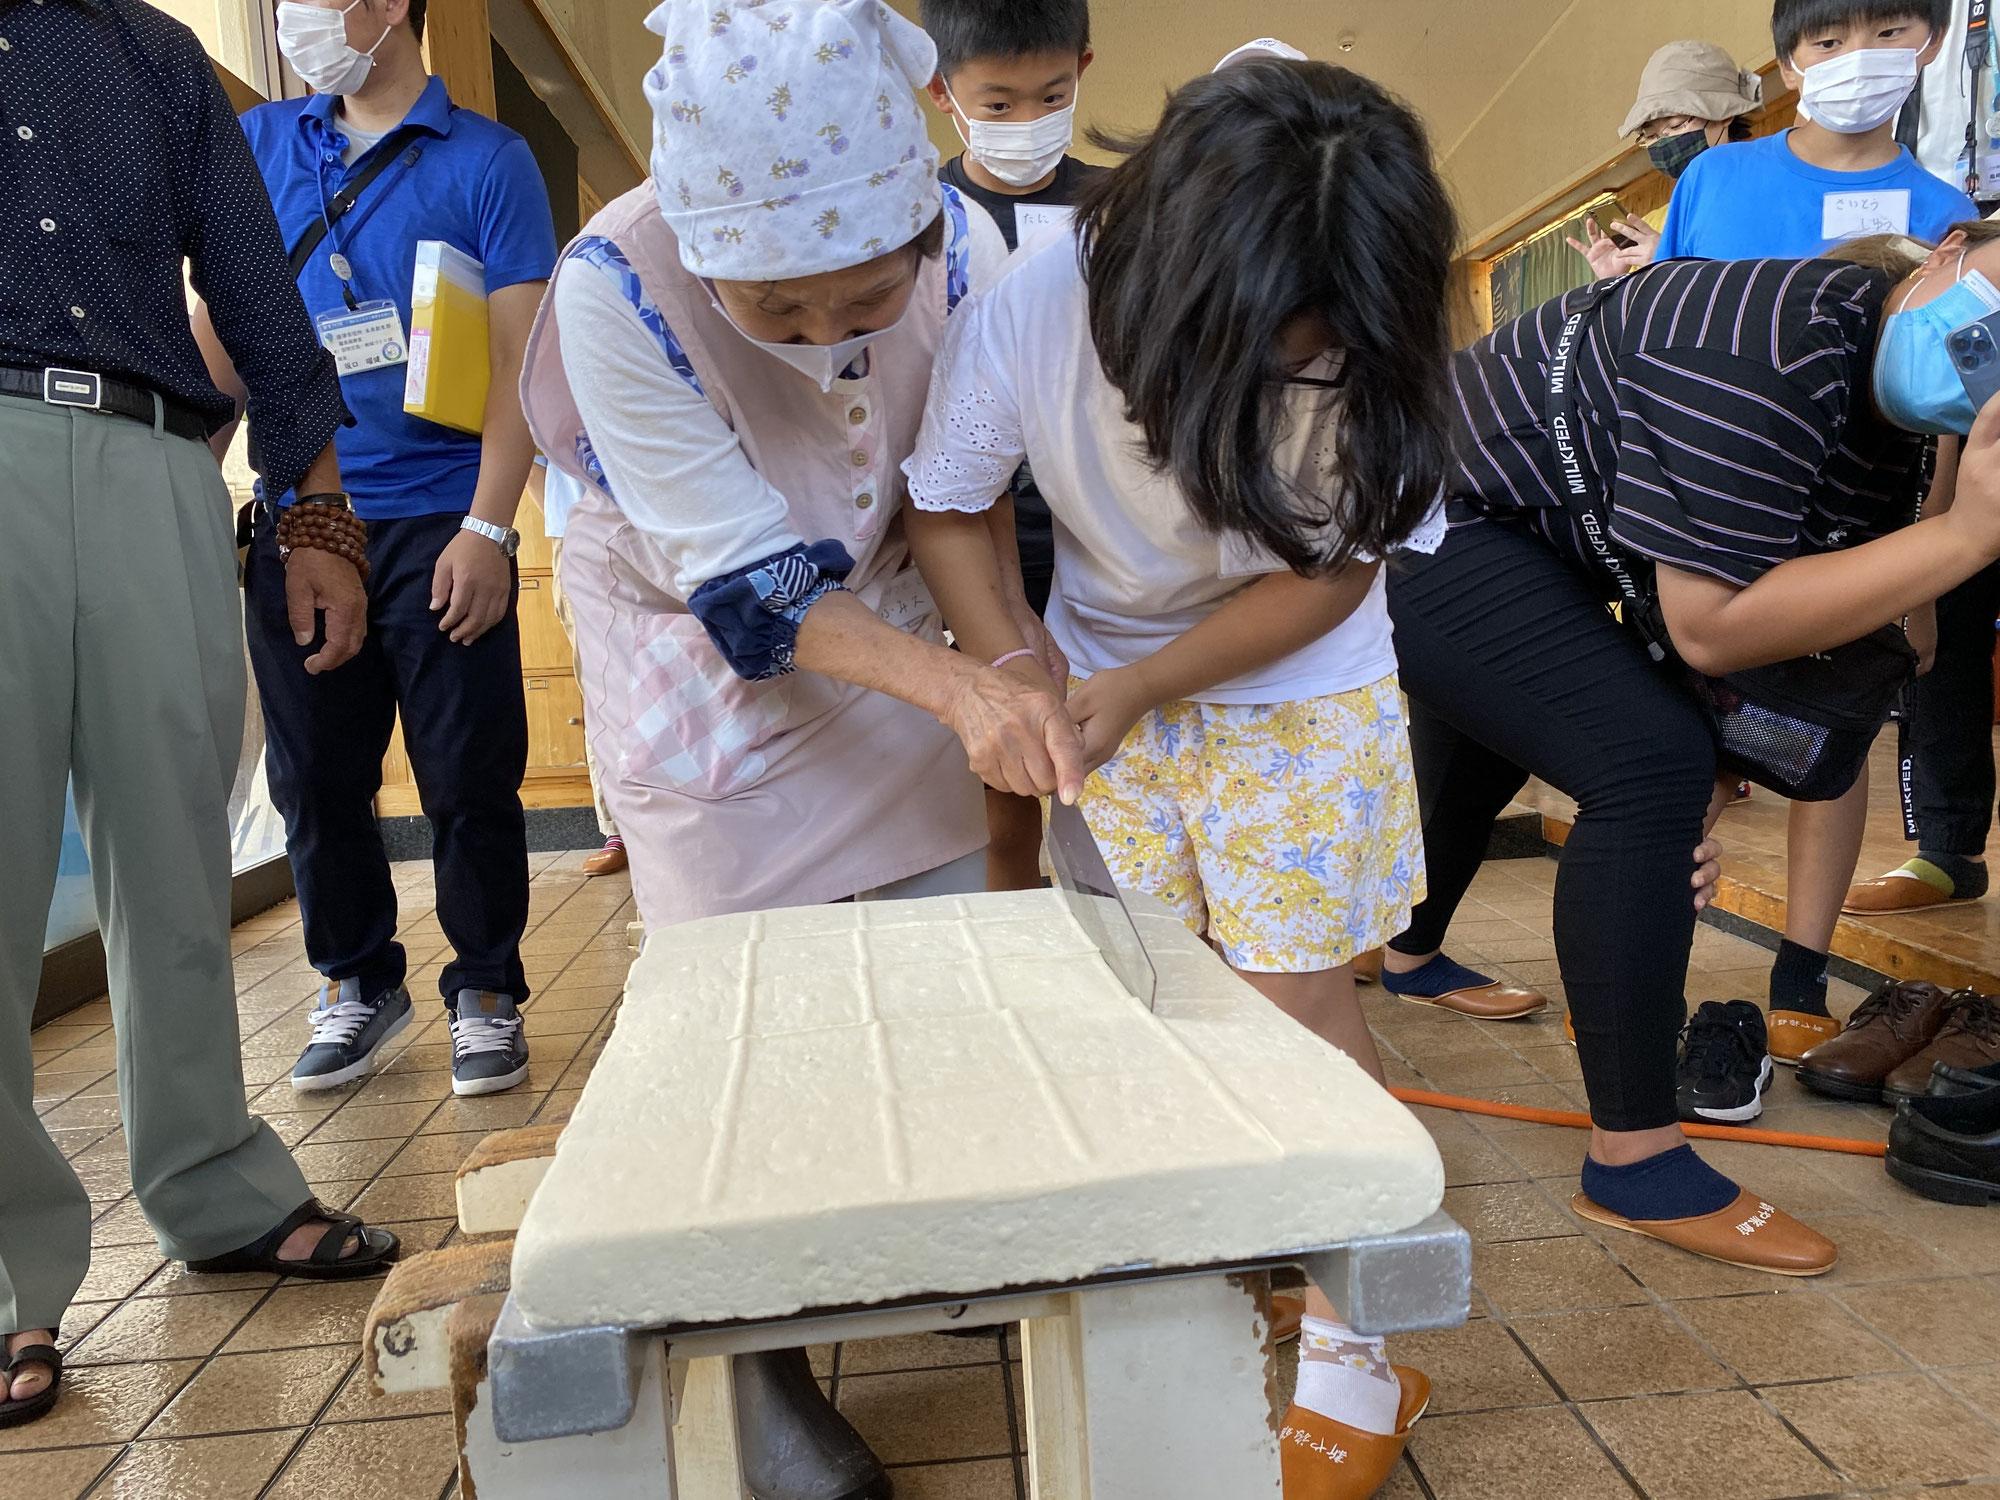 【神集島】石割豆腐づくり体験